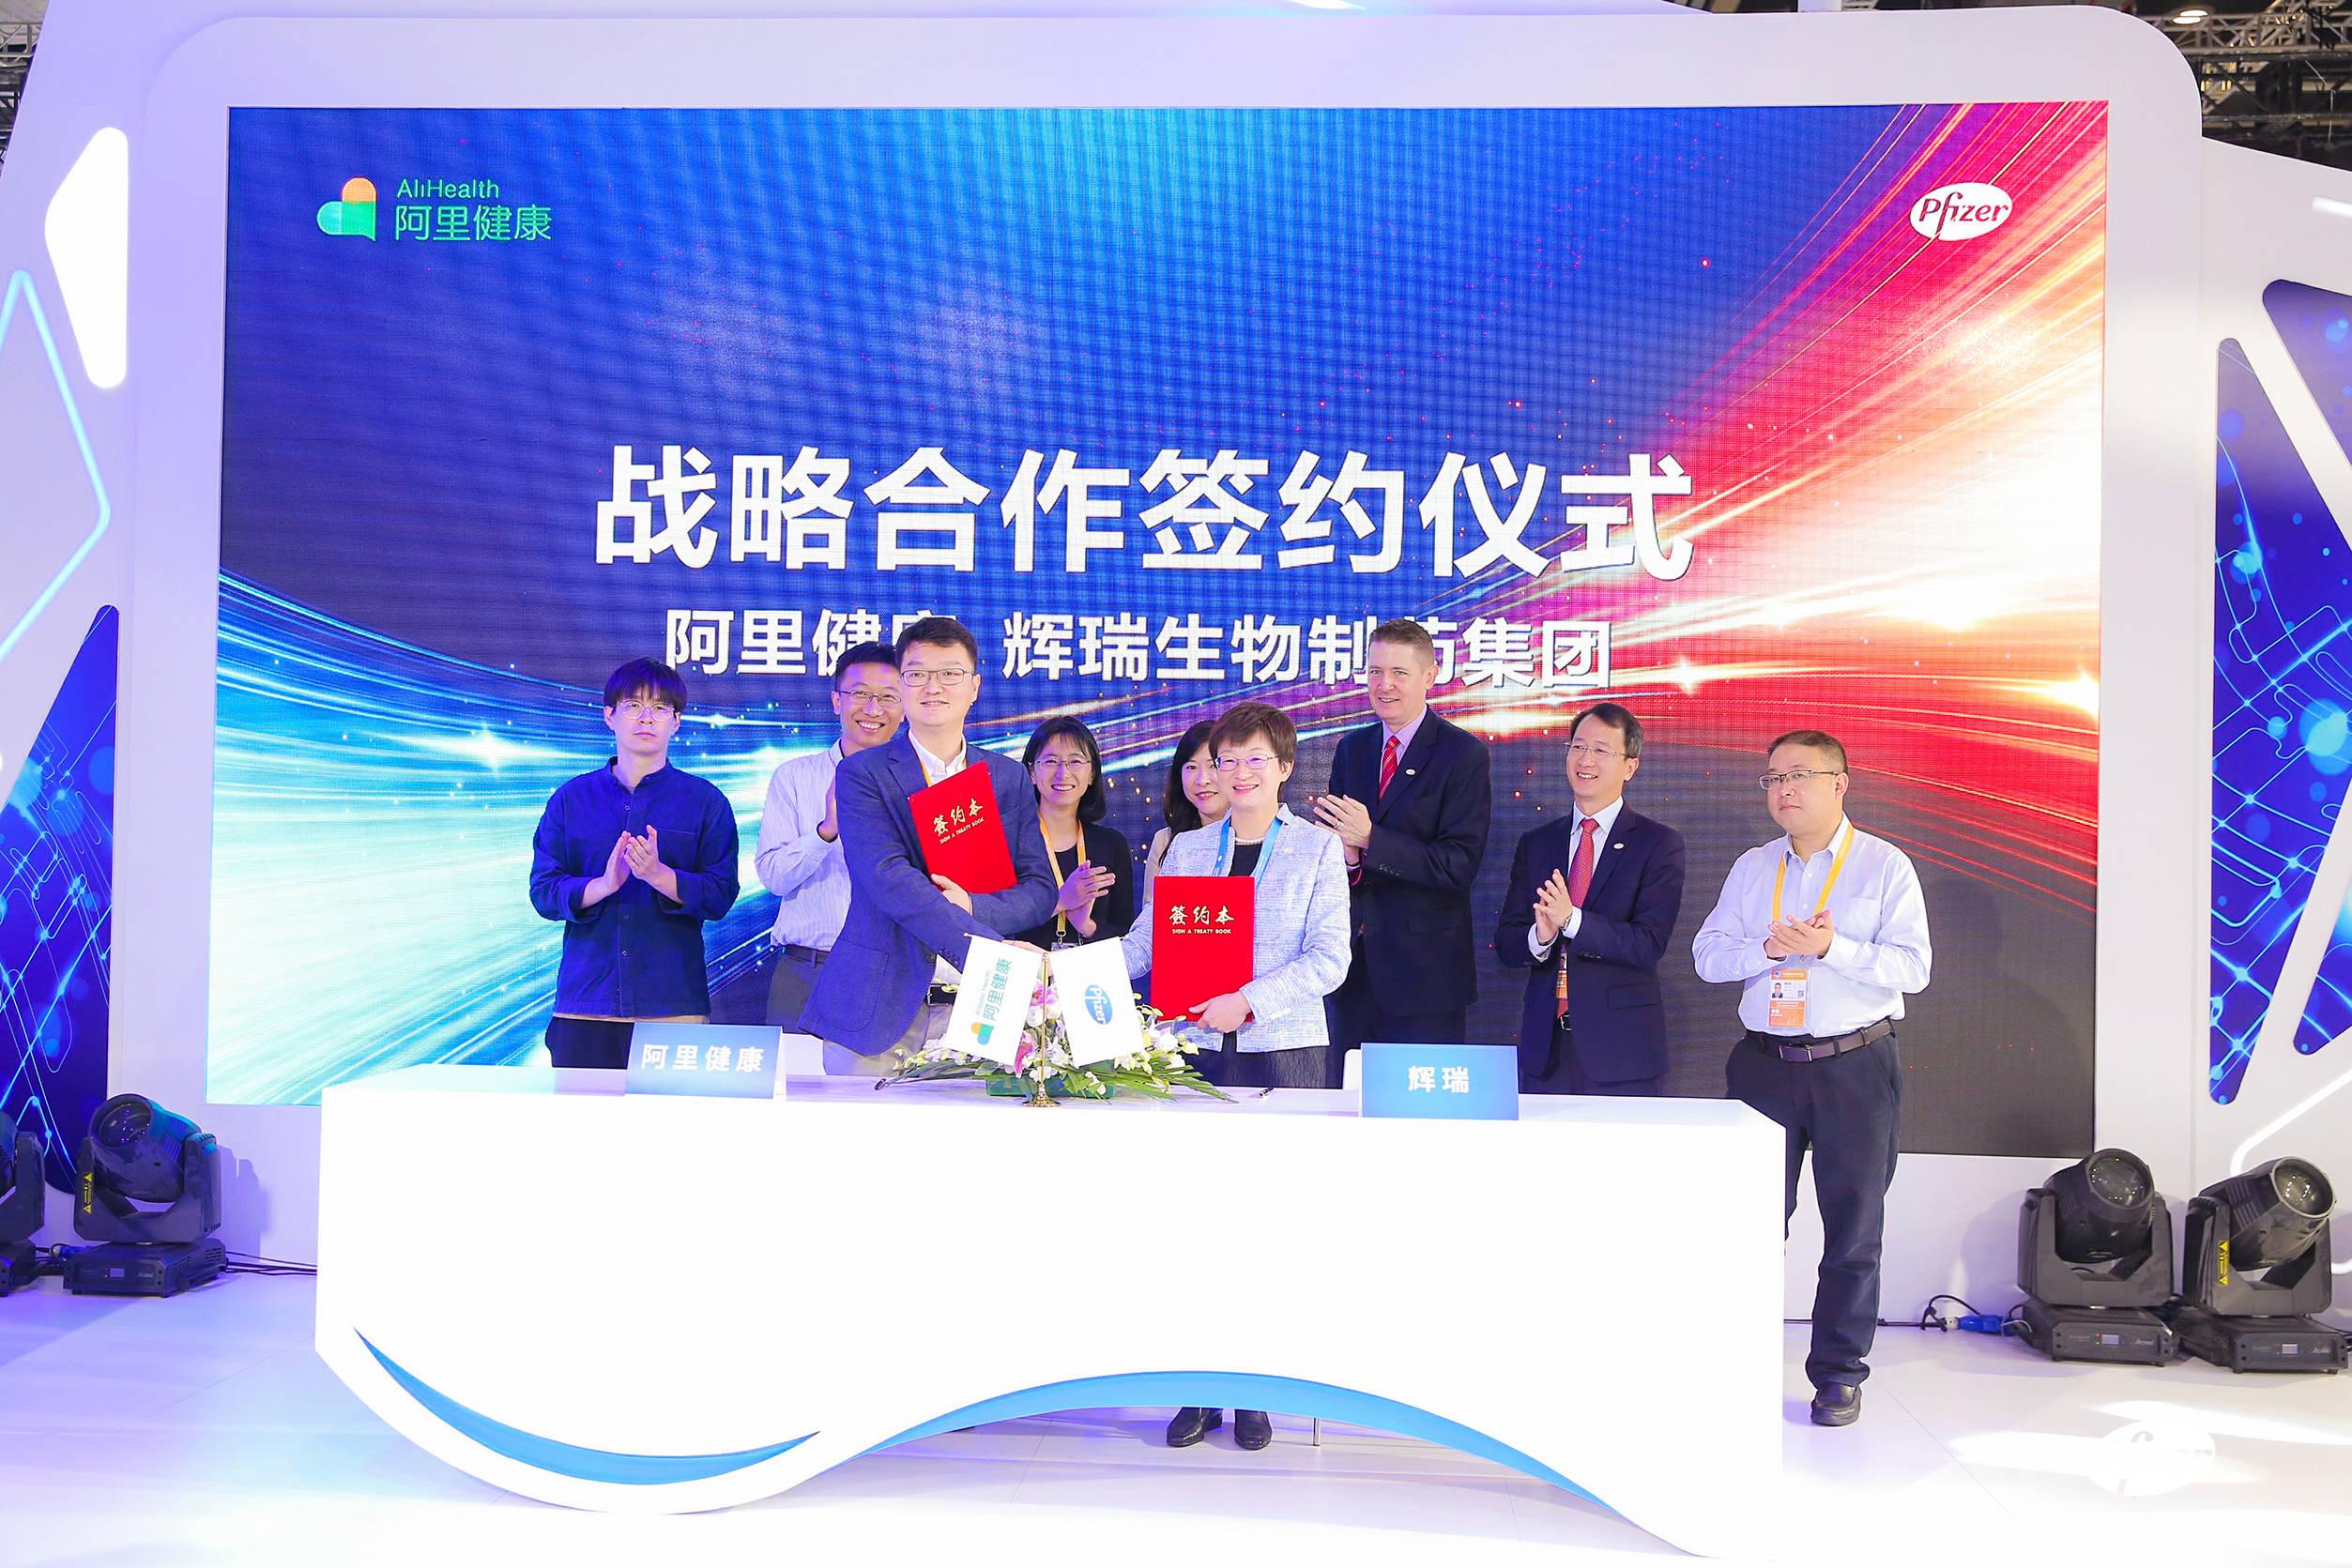 登中国互联网创新快车,多国药企进博会集中签约阿里健康